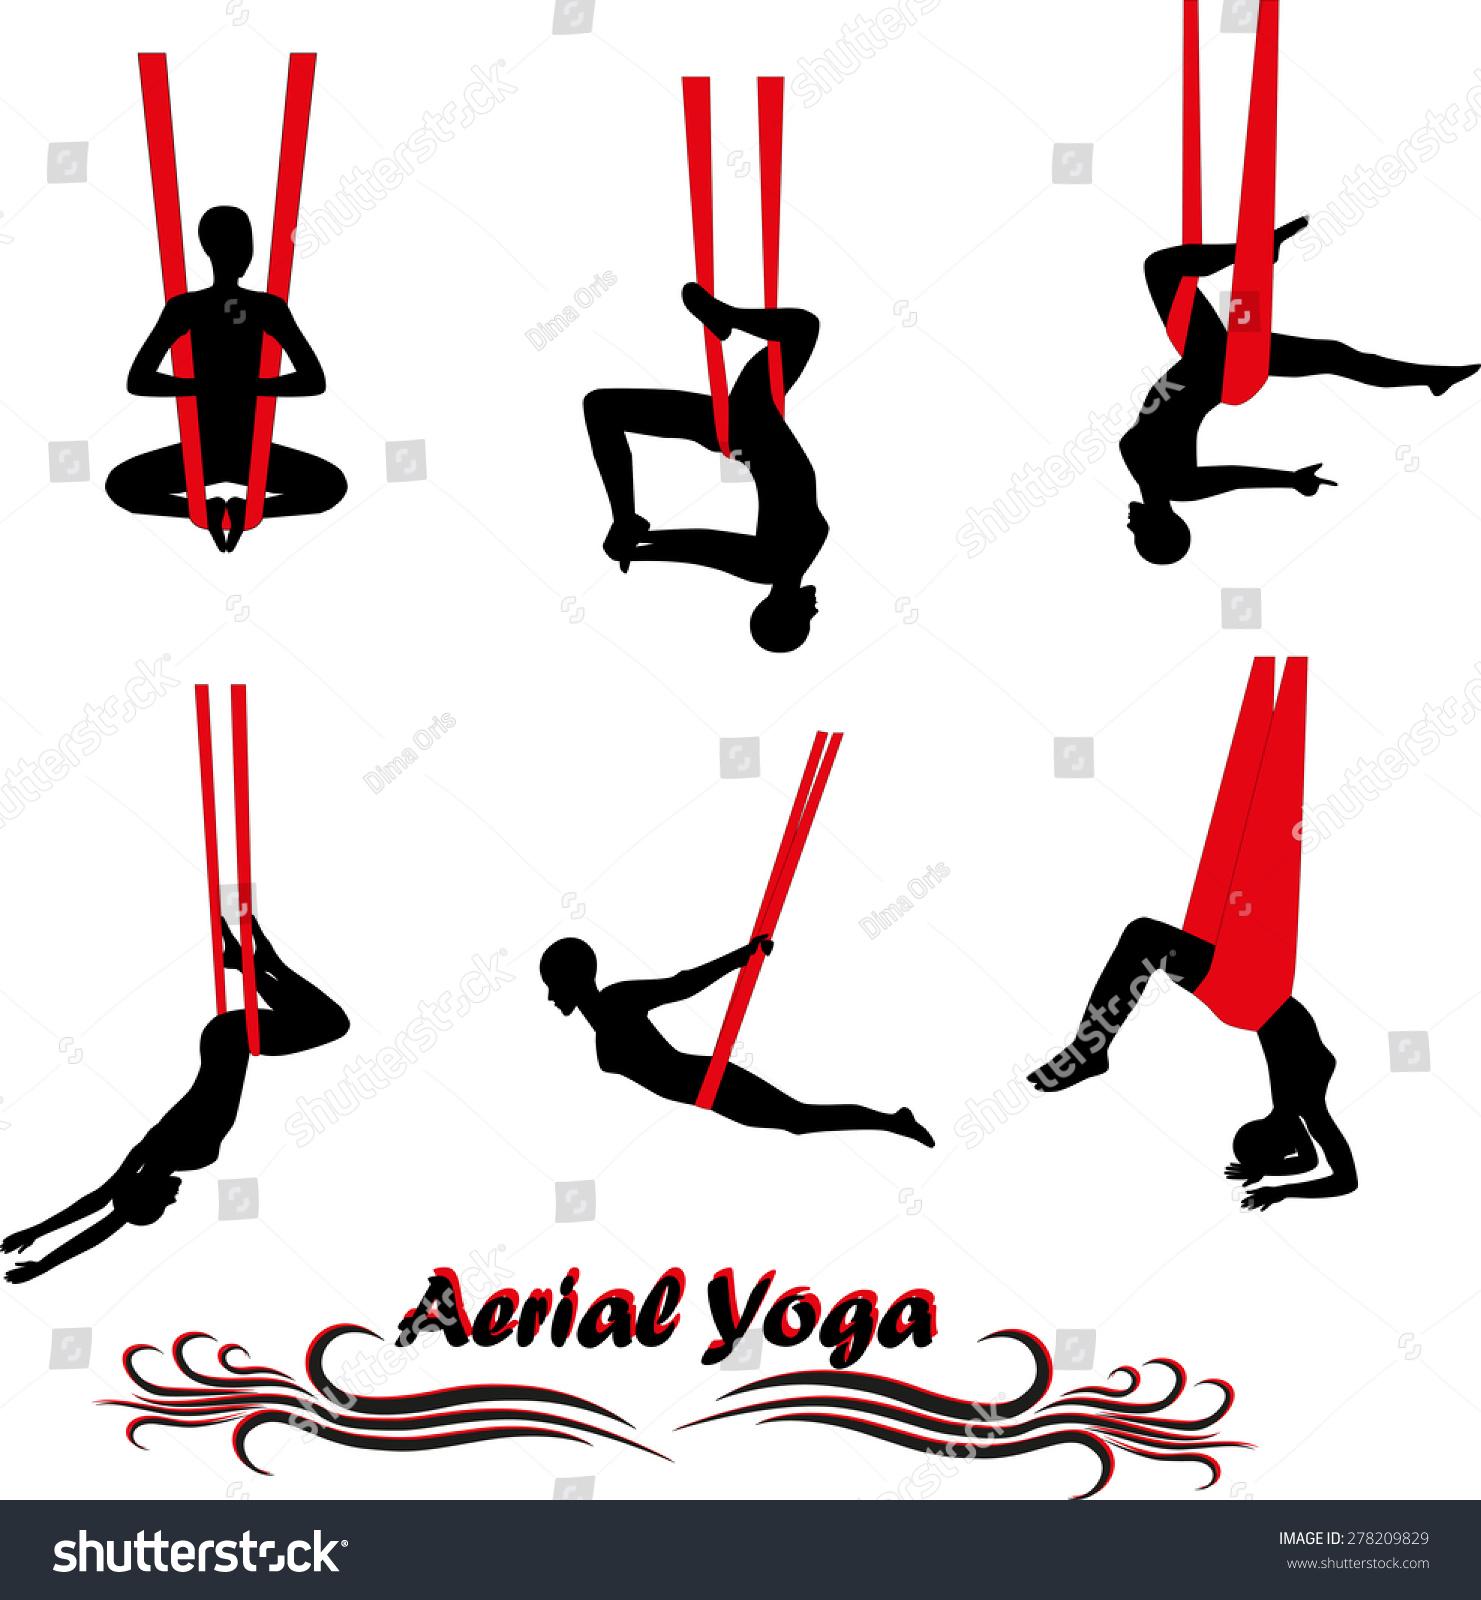 空中瑜伽-人物,运动/娱乐活动-海洛创意(hellorf)--.图片